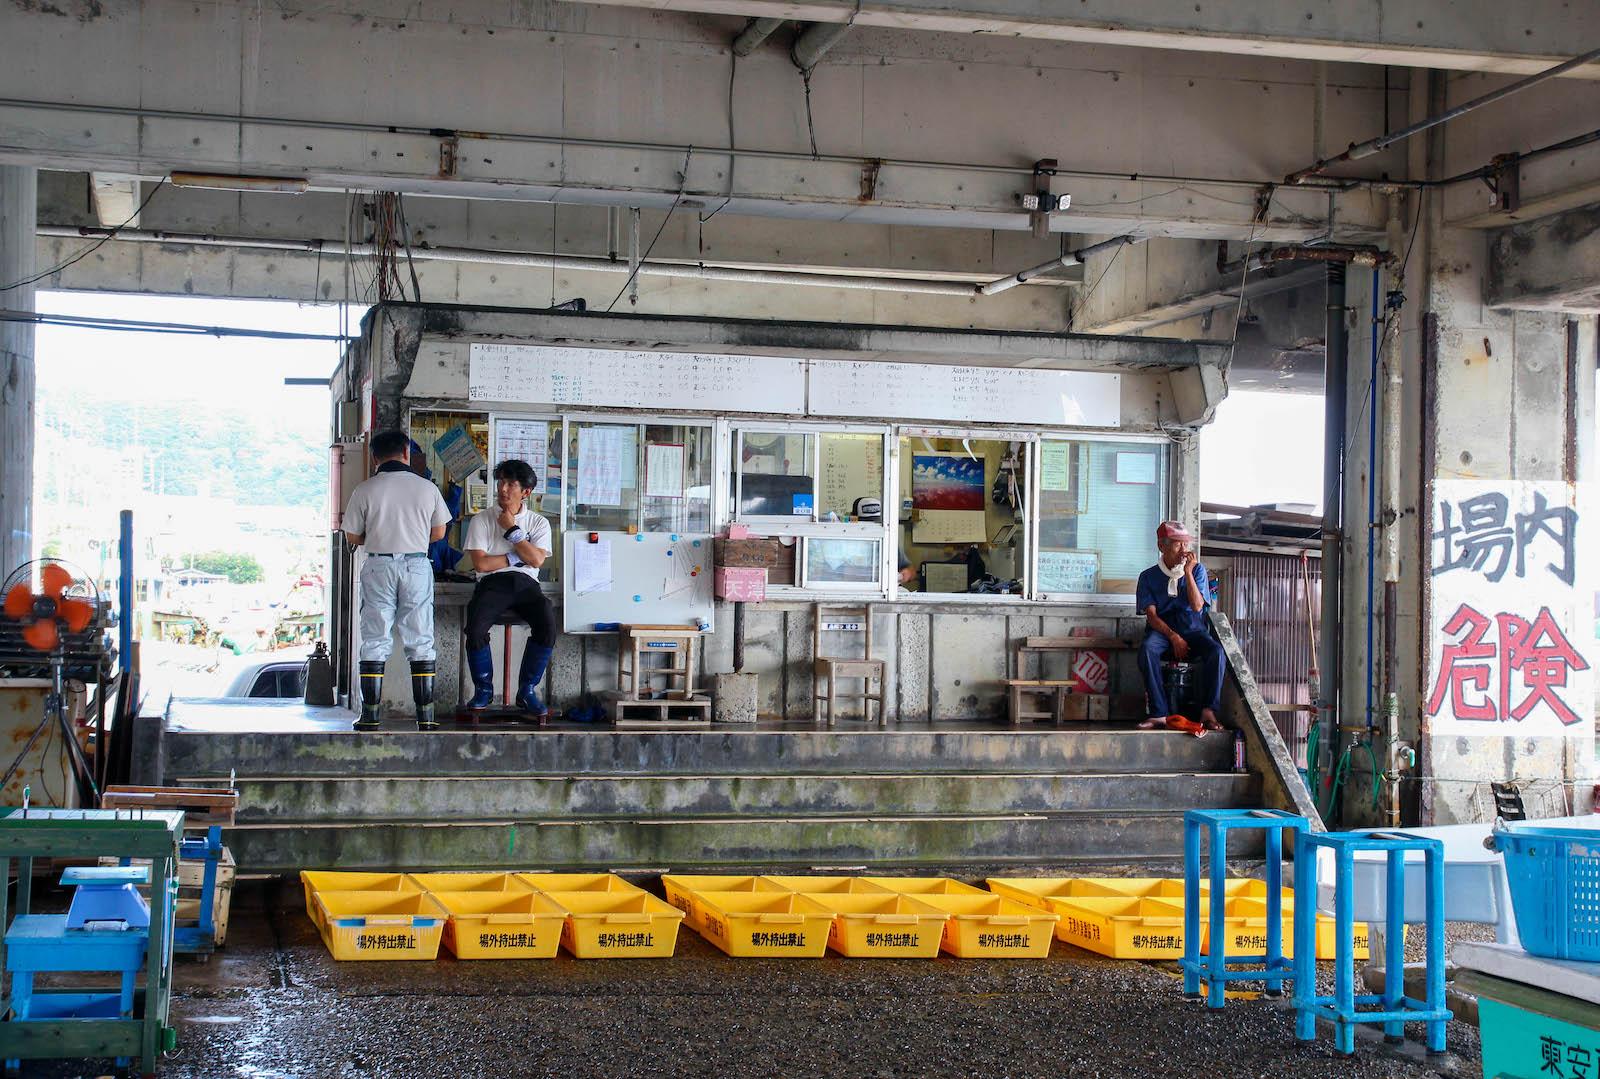 天津漁港内の競り場